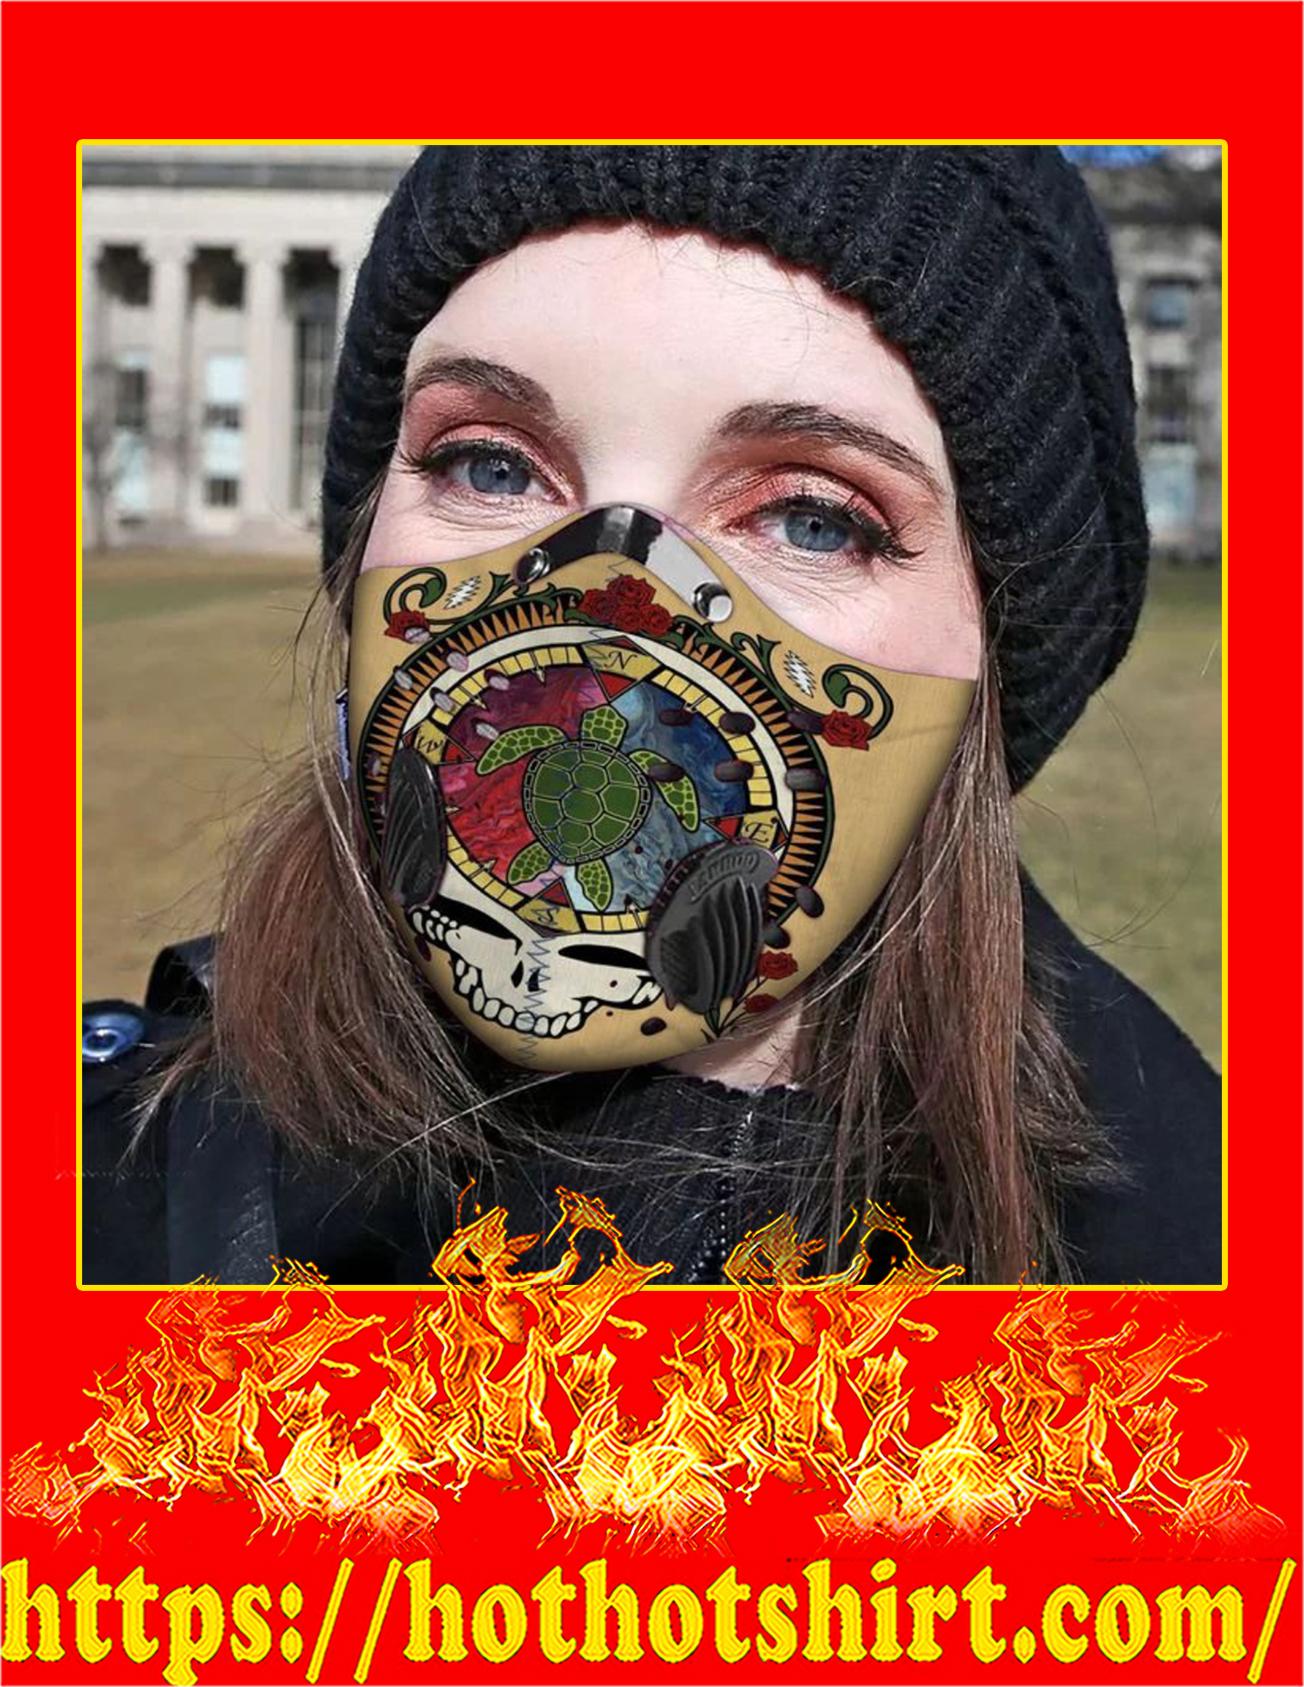 Grateful dead turtle filter face mask - detail